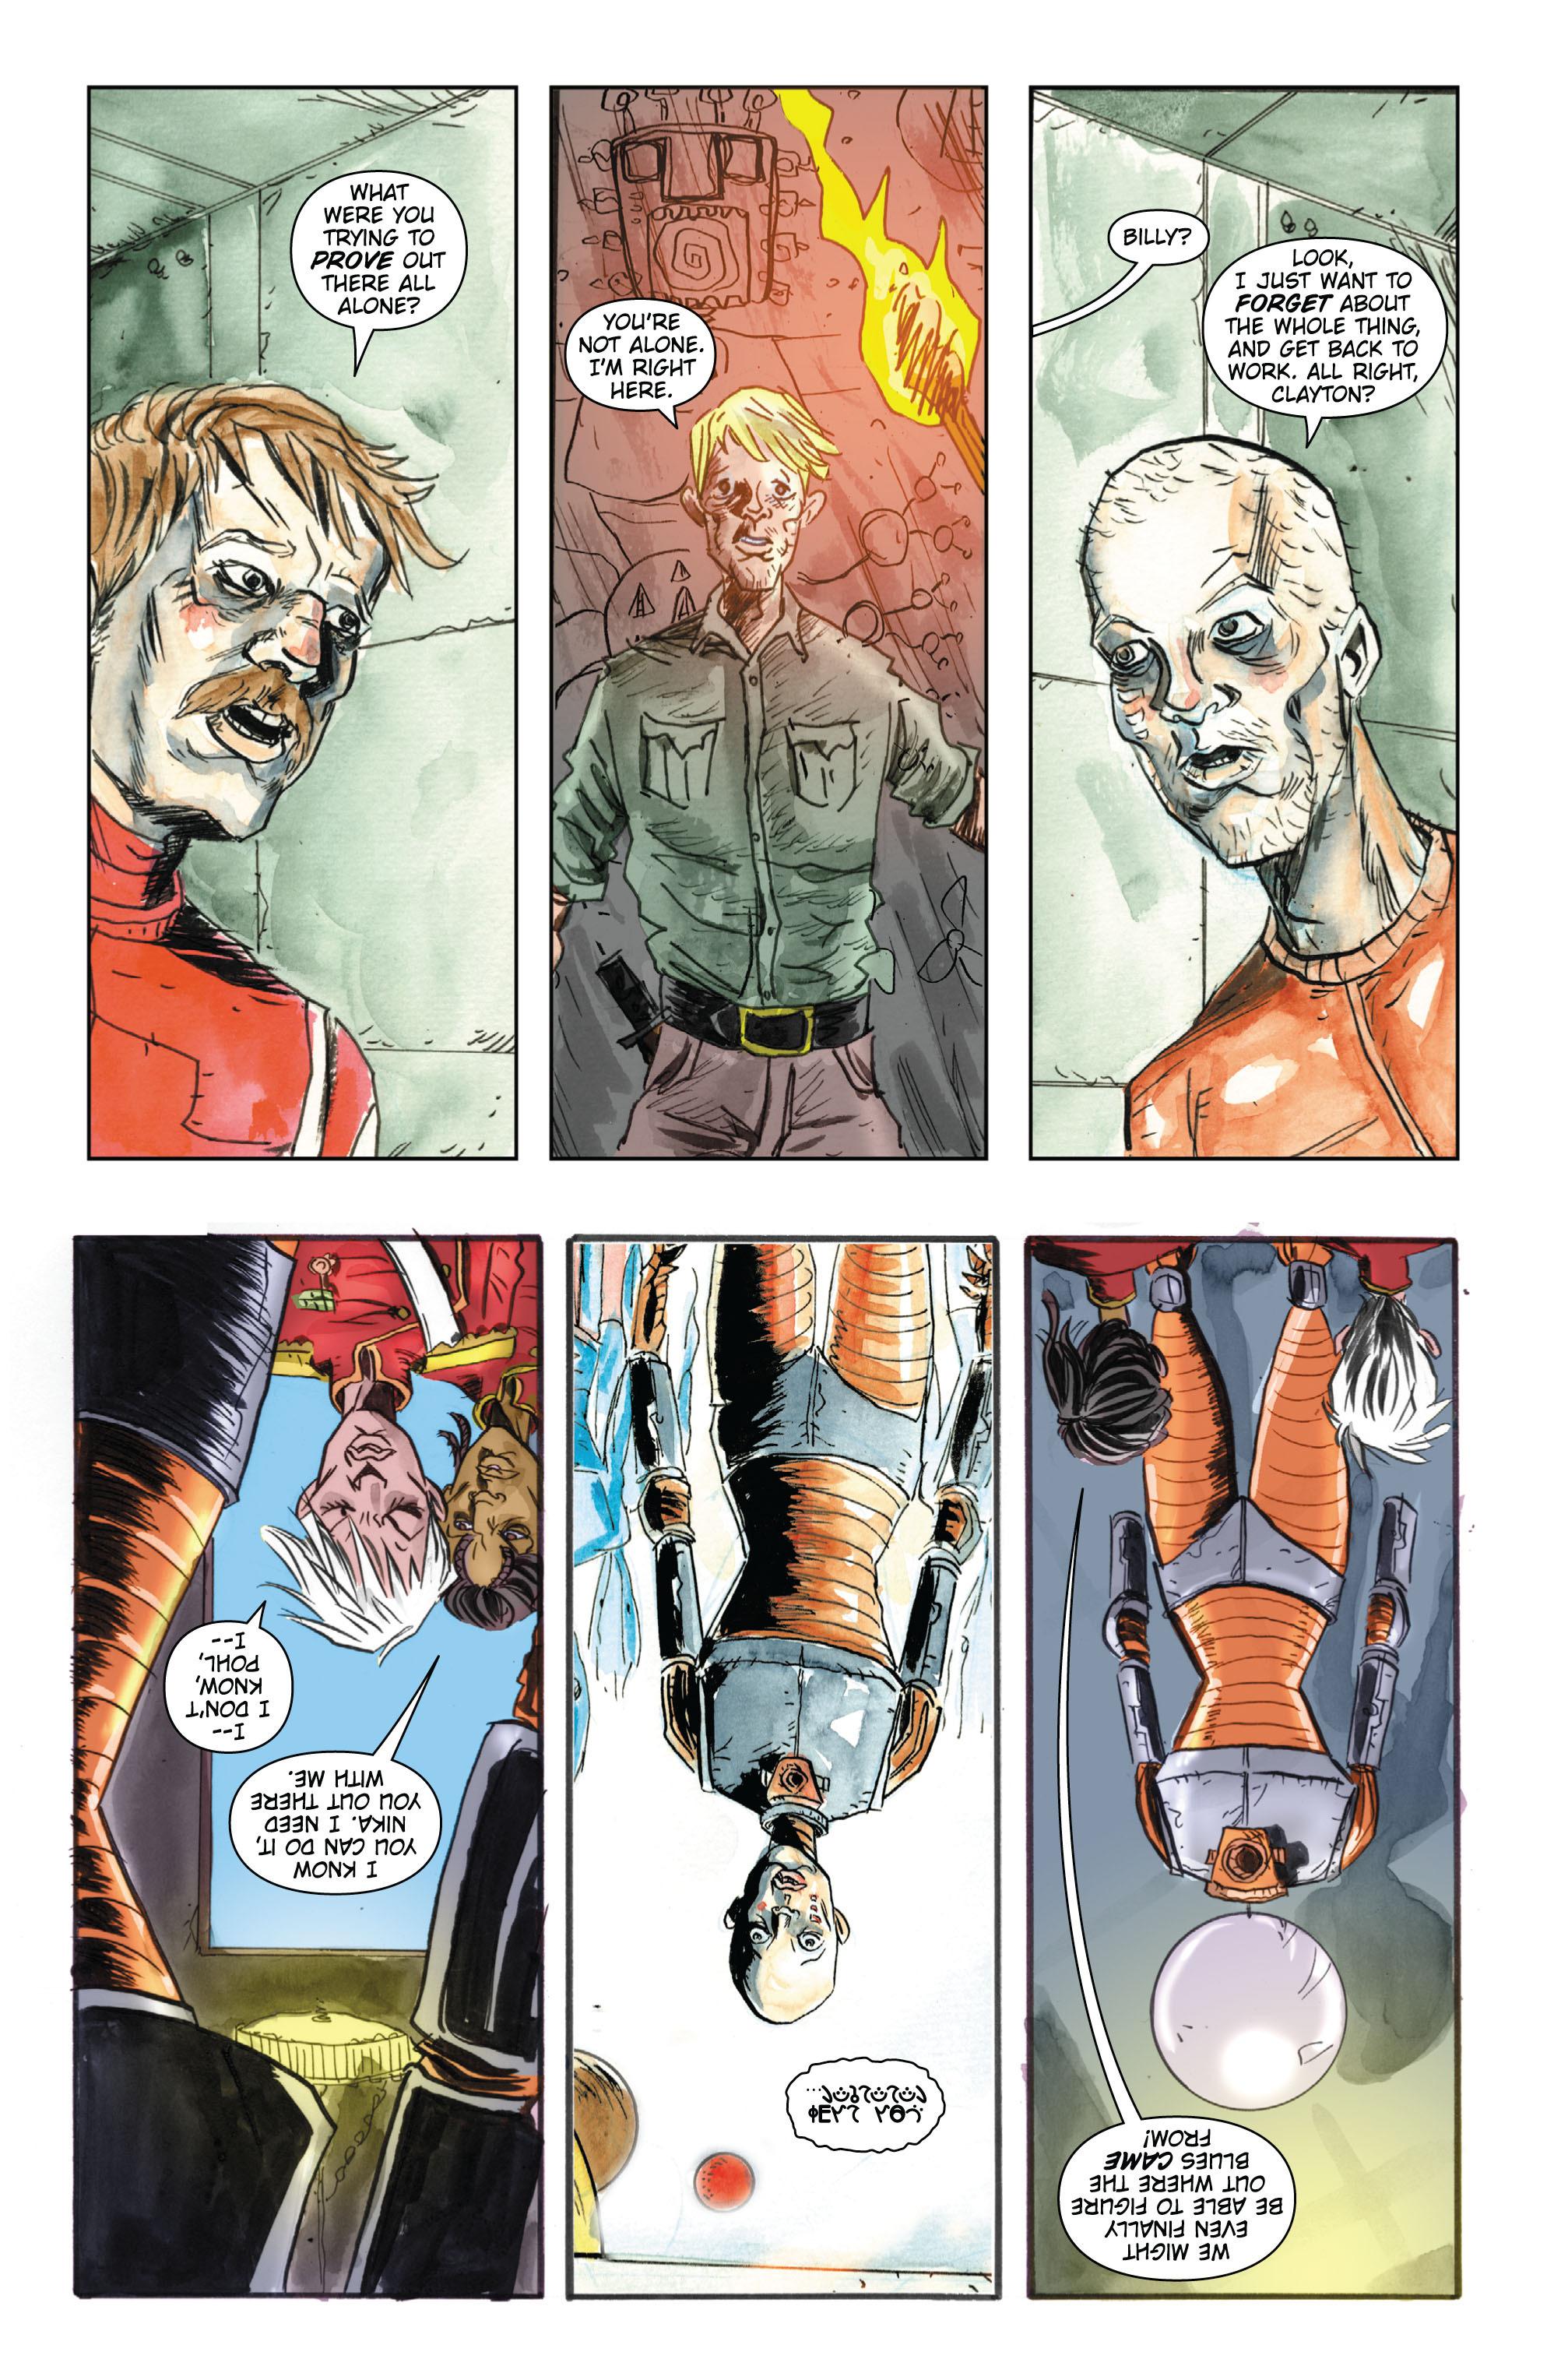 Read online Trillium comic -  Issue # TPB - 123